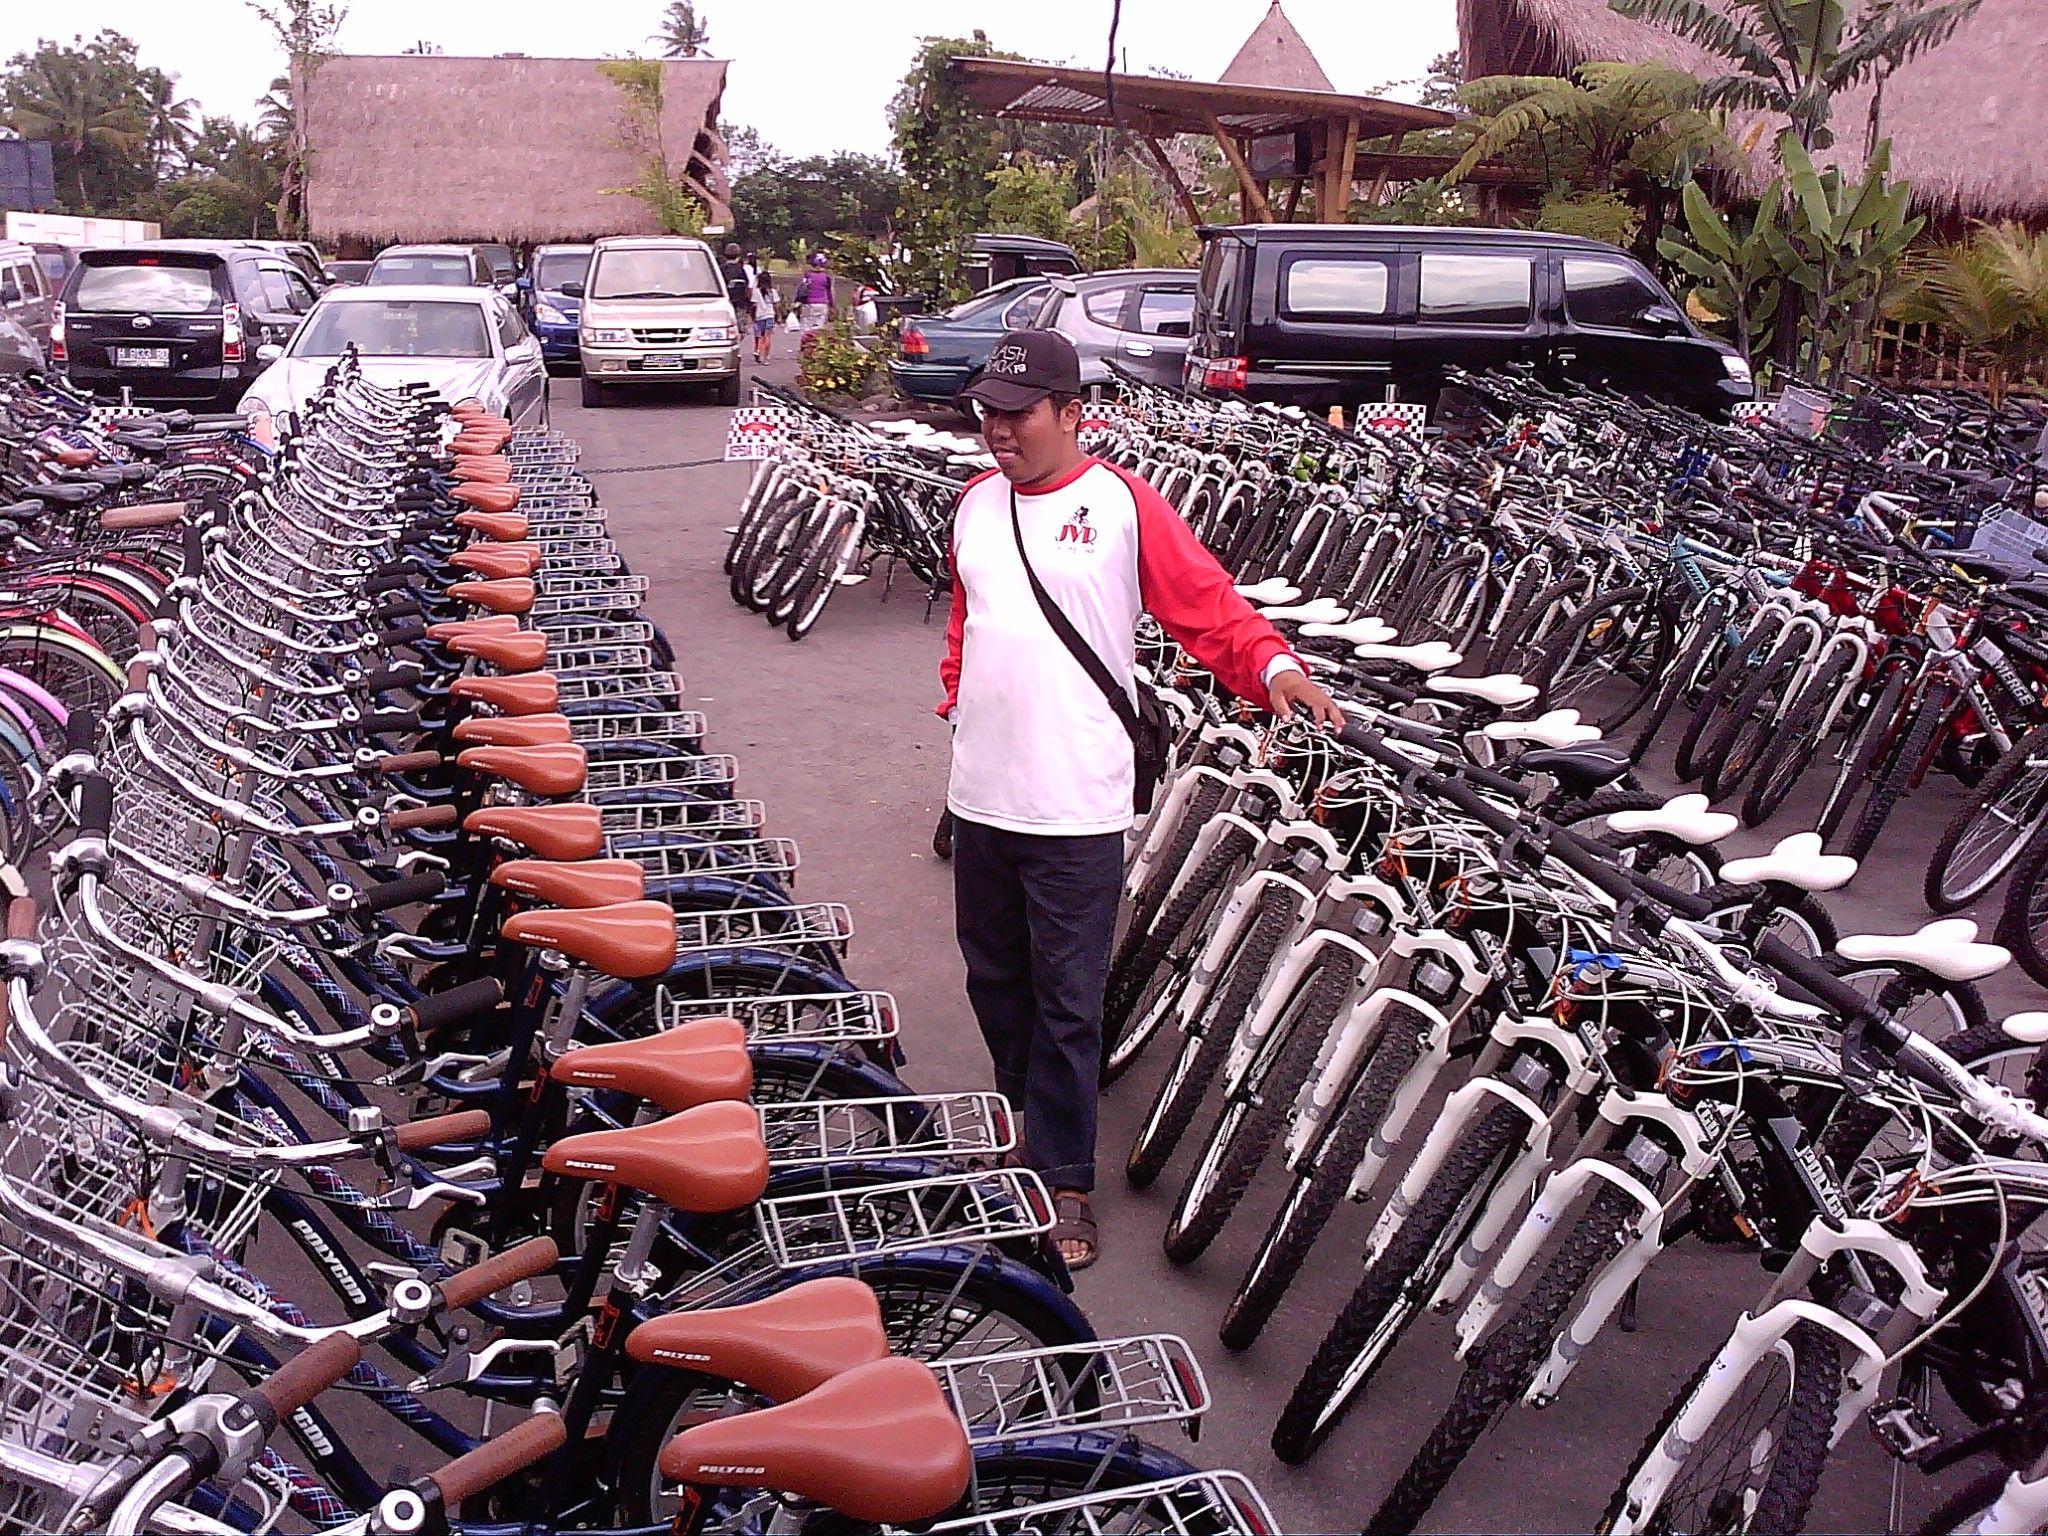 Tempat Persewaan Sepeda Di Jogja Tersedia Sepeda Gunung Dan